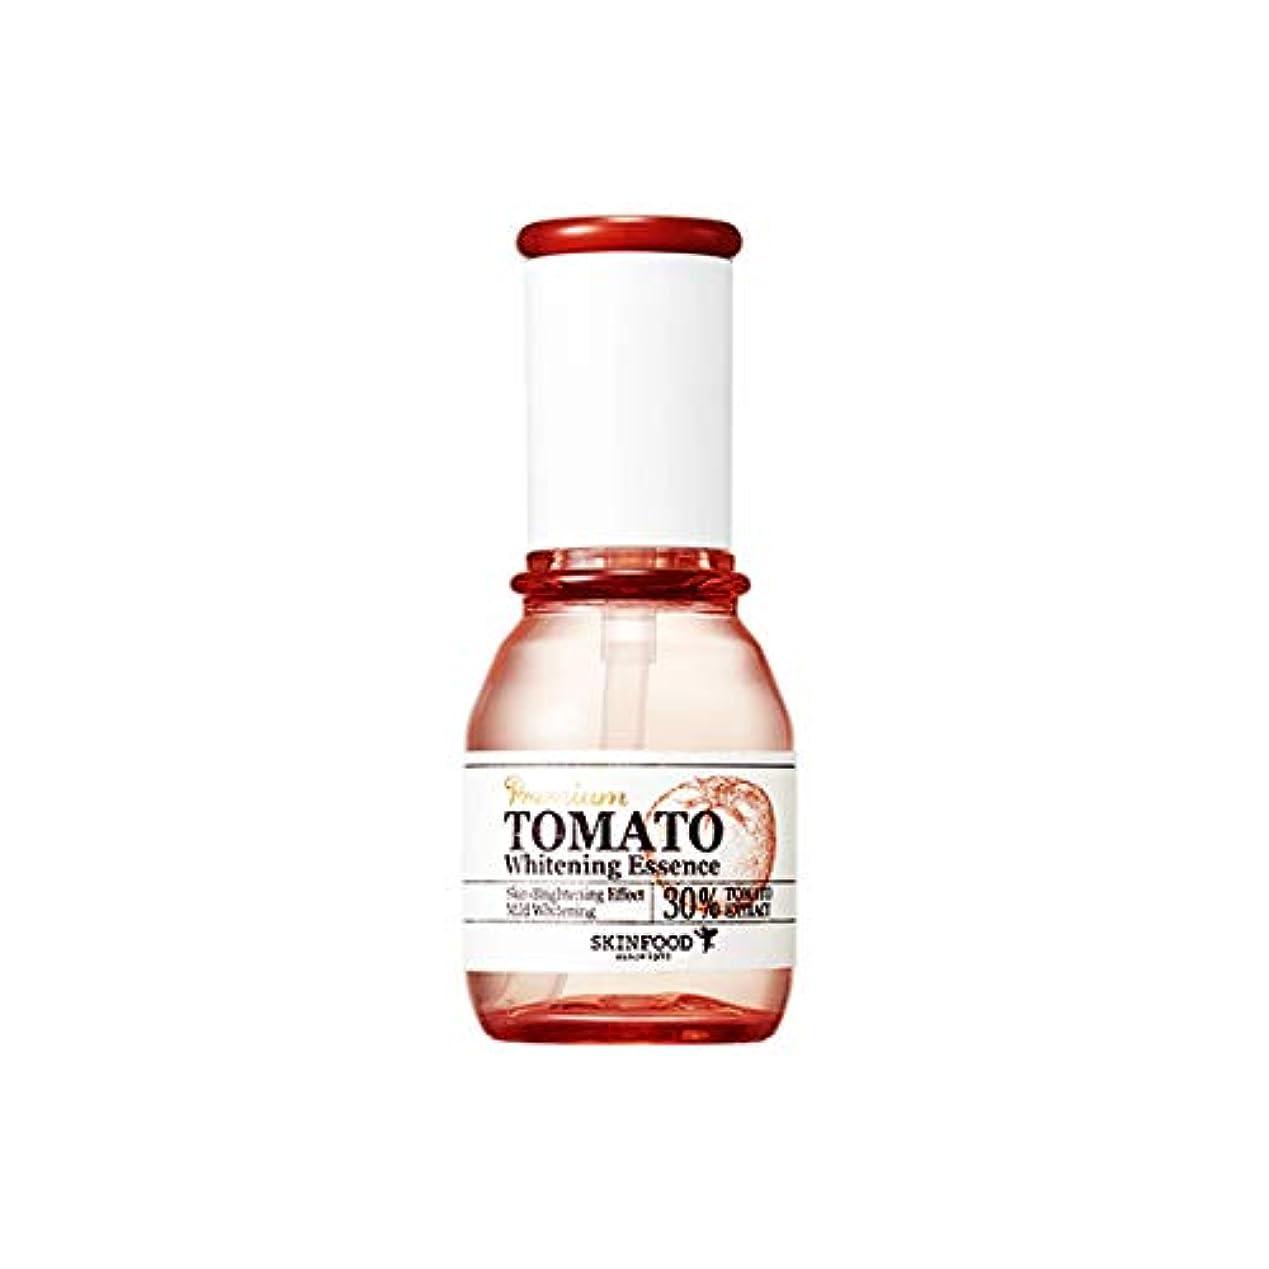 カセット回転させるカプセルSkinfood プレミアムトマトホワイトニングエッセンス(美白効果) / Premium Tomato Whitening Essence (Skin-Brightening Effect)50ml [並行輸入品]